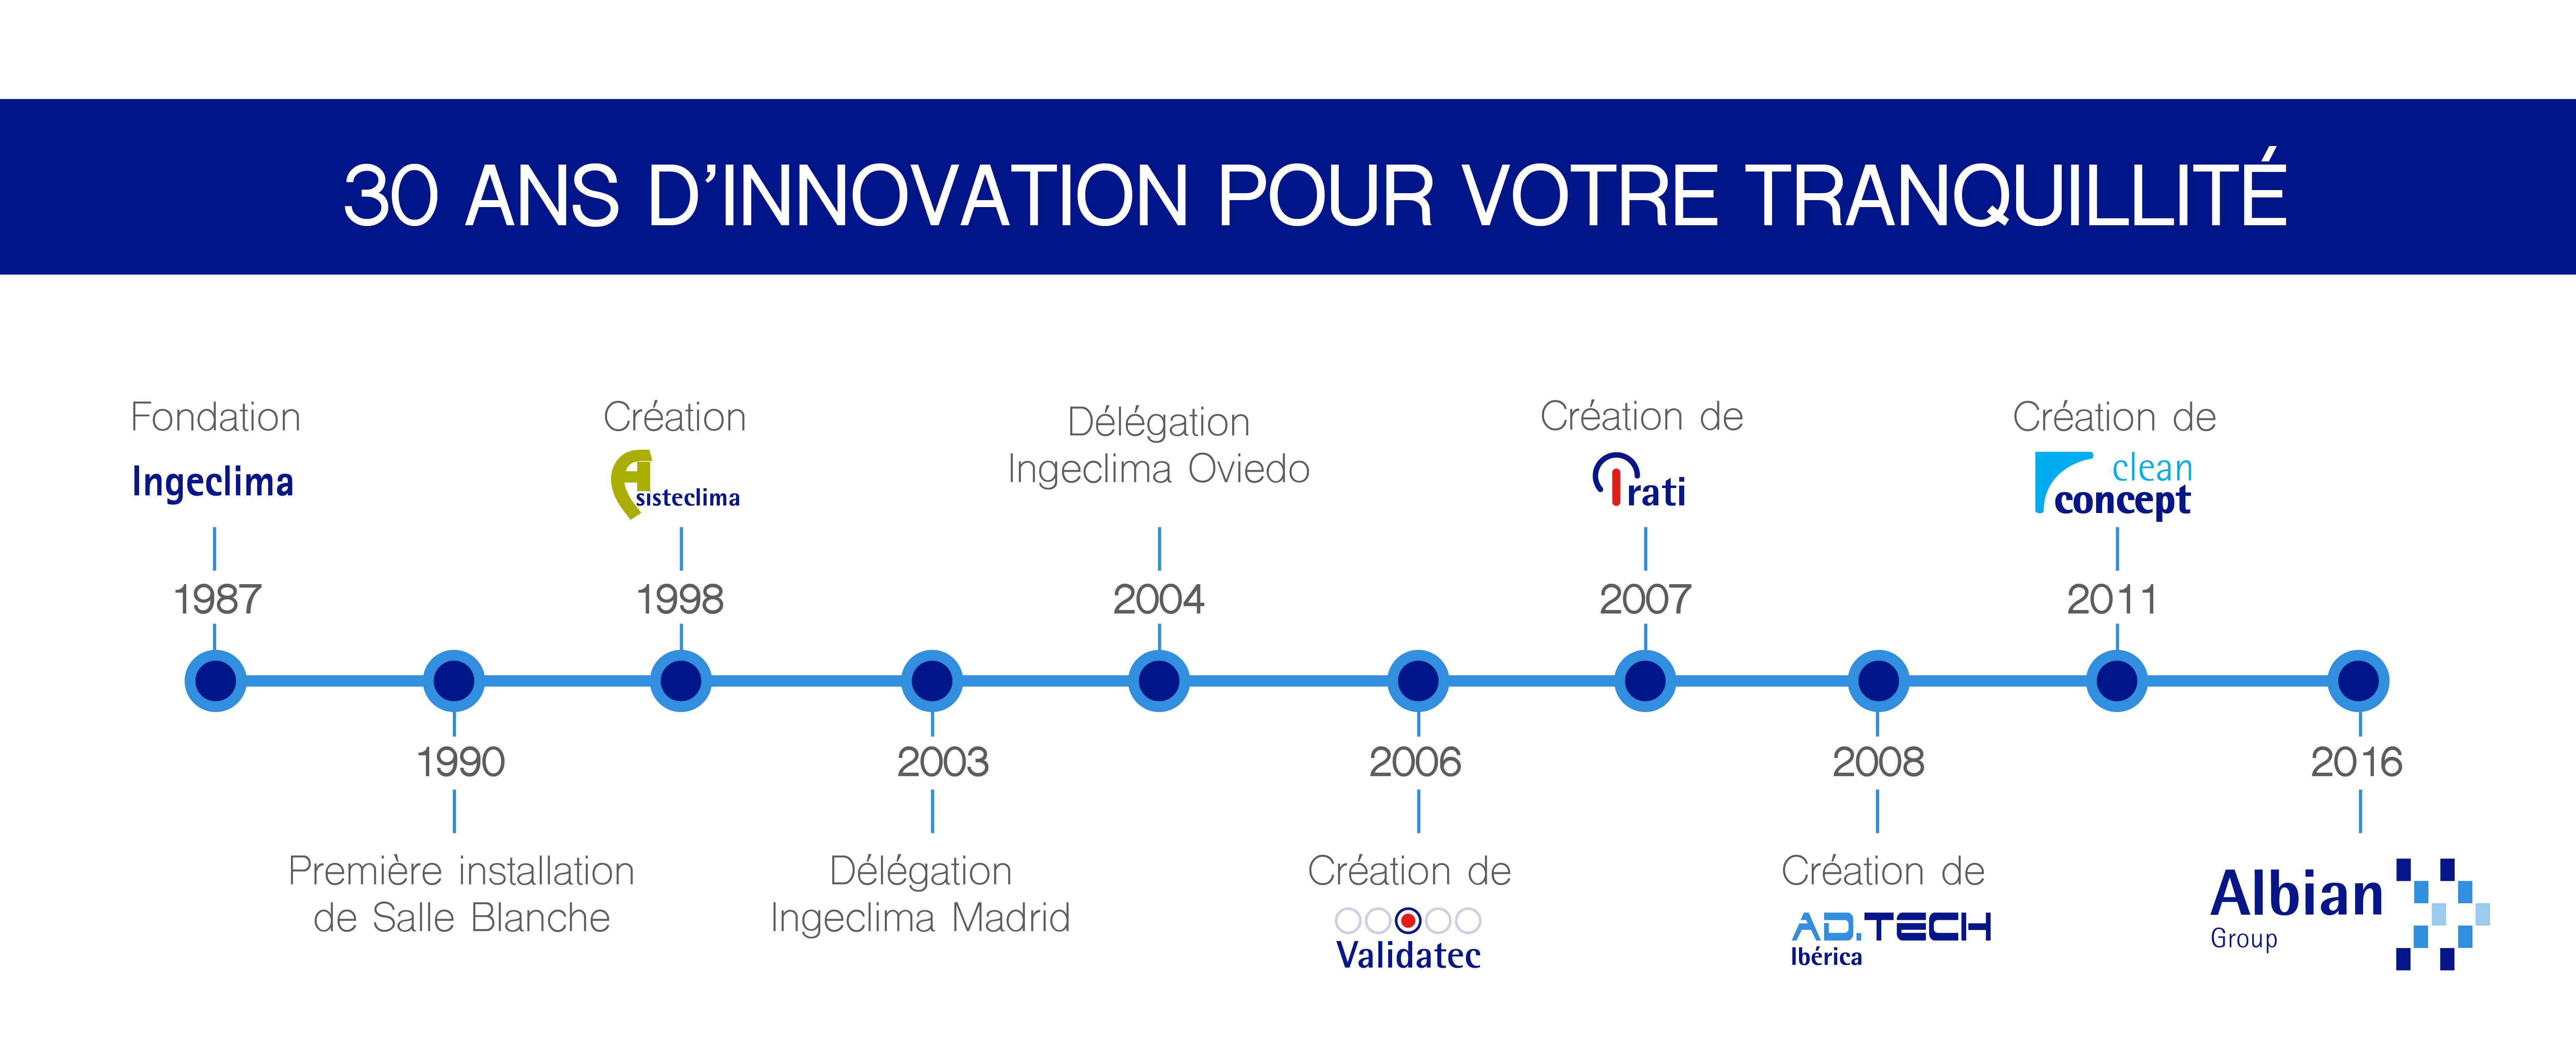 Albian Group, 30 ans d'innovation pour votre tranquillité.